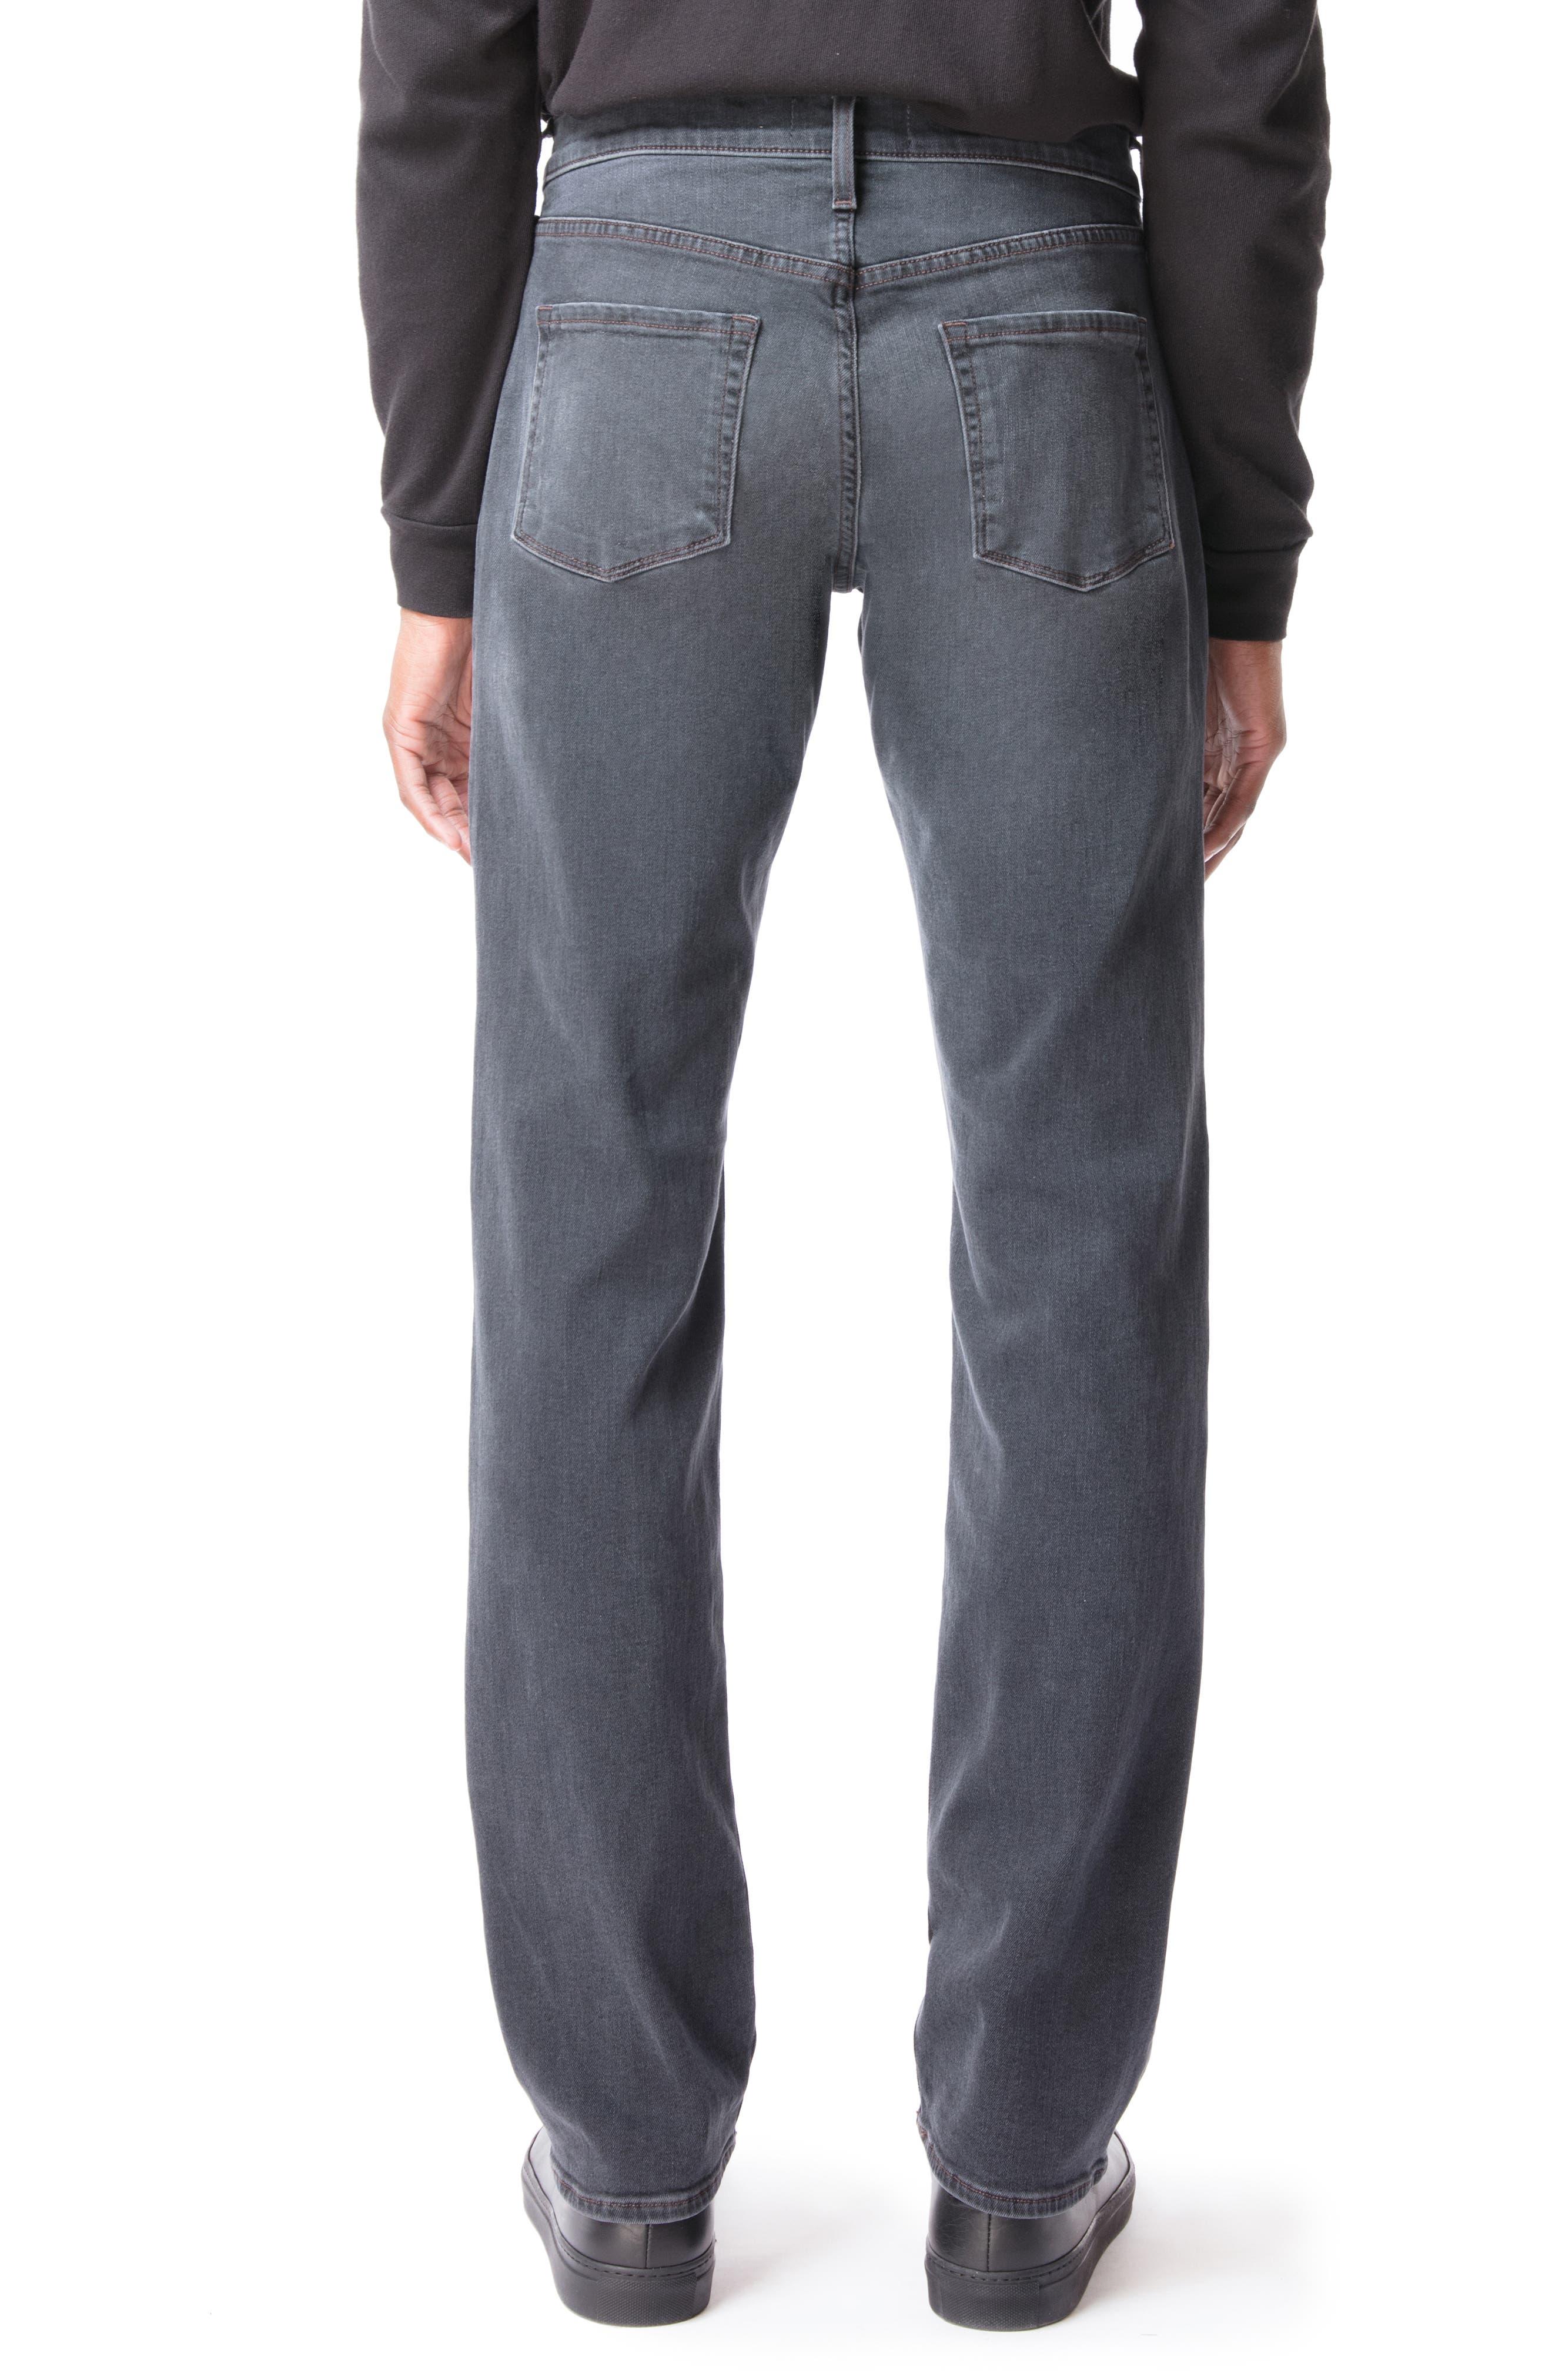 Kane Slim Straight Leg Jeans,                             Alternate thumbnail 2, color,                             018